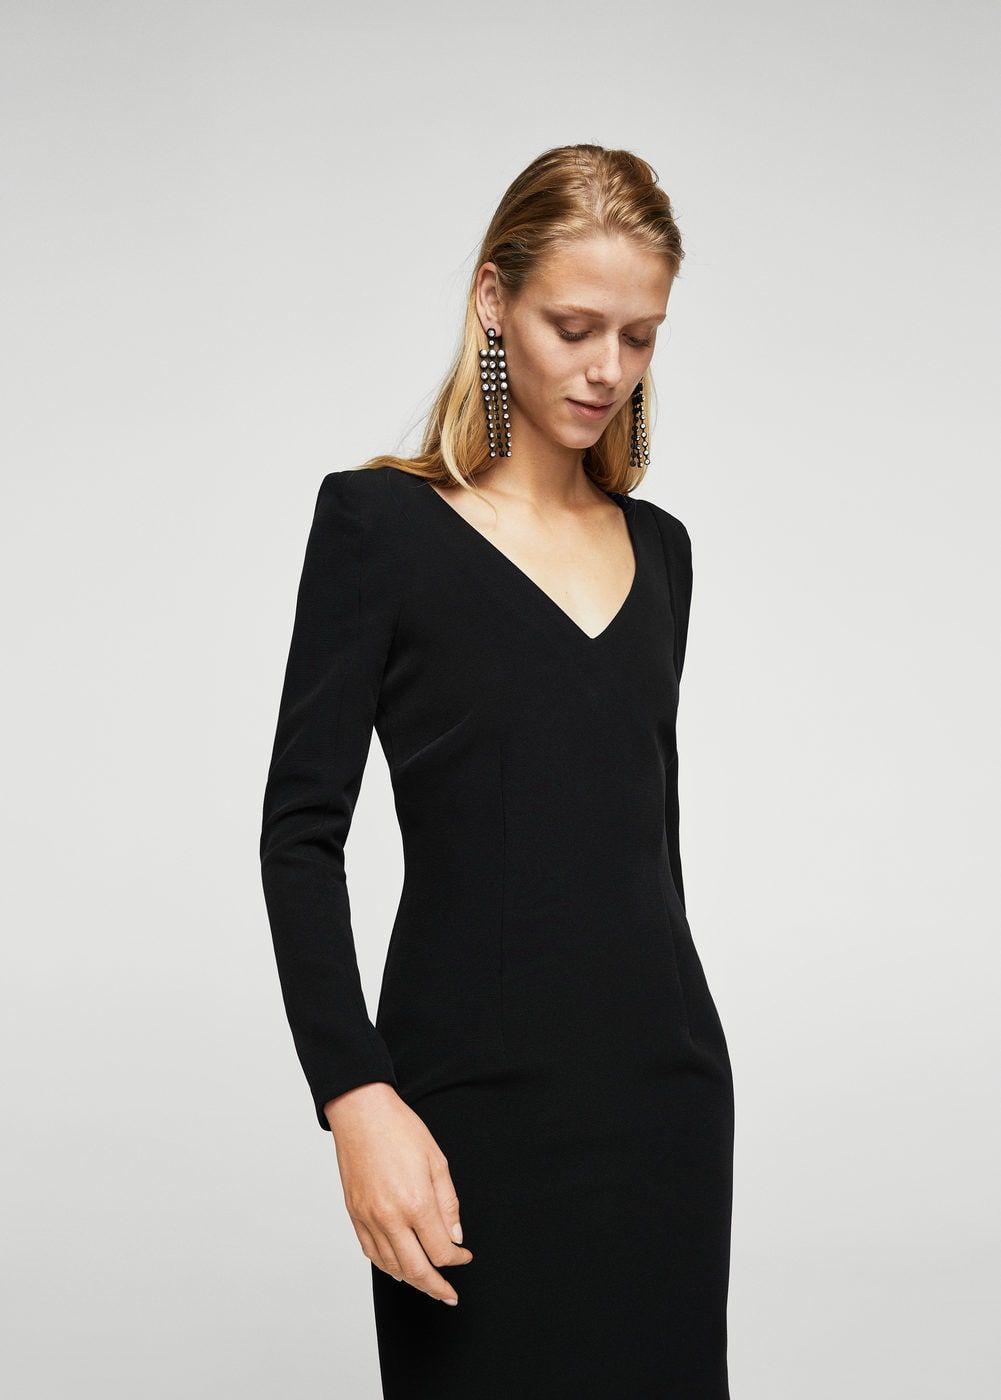 Vestido entallado escote - Vestidos de Mujer d2540aeb773a